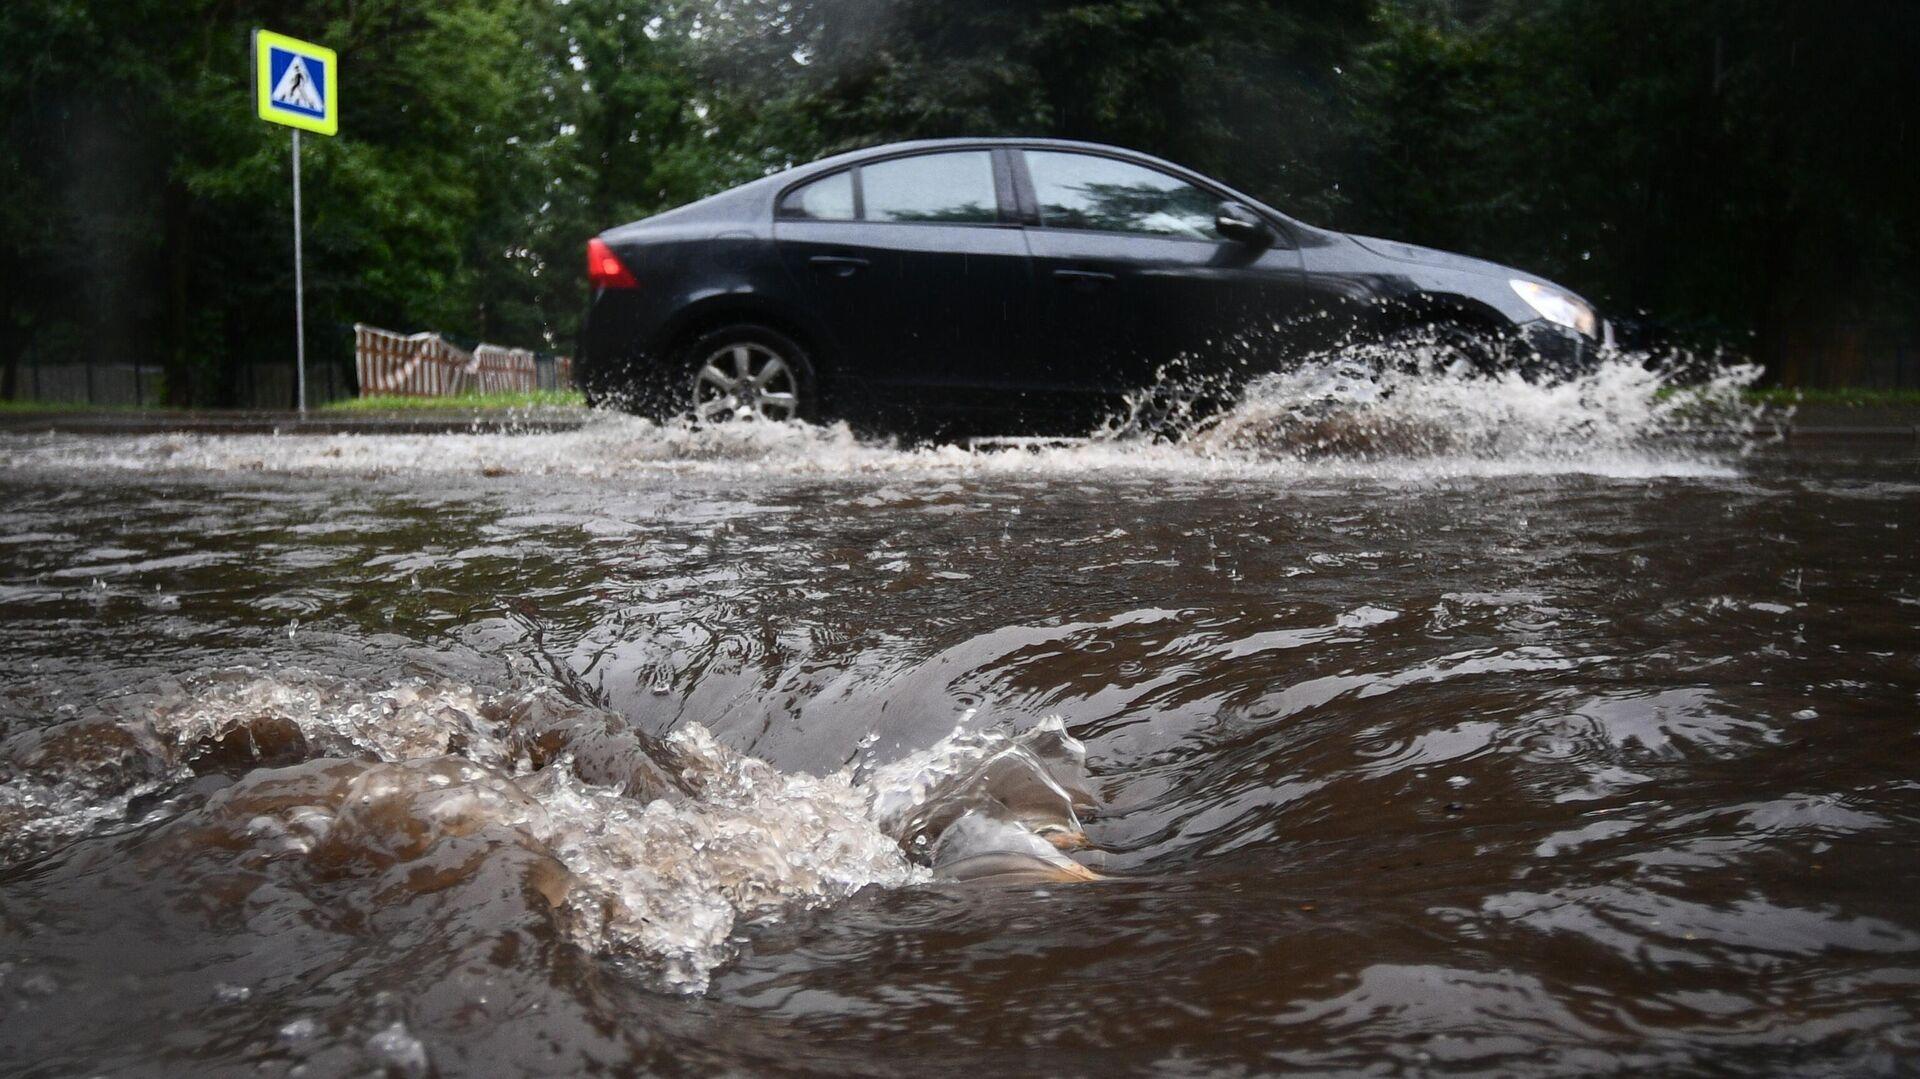 Автомобиль едет по подтопленной из-за дождя дороге в Москве - РИА Новости, 1920, 18.09.2020